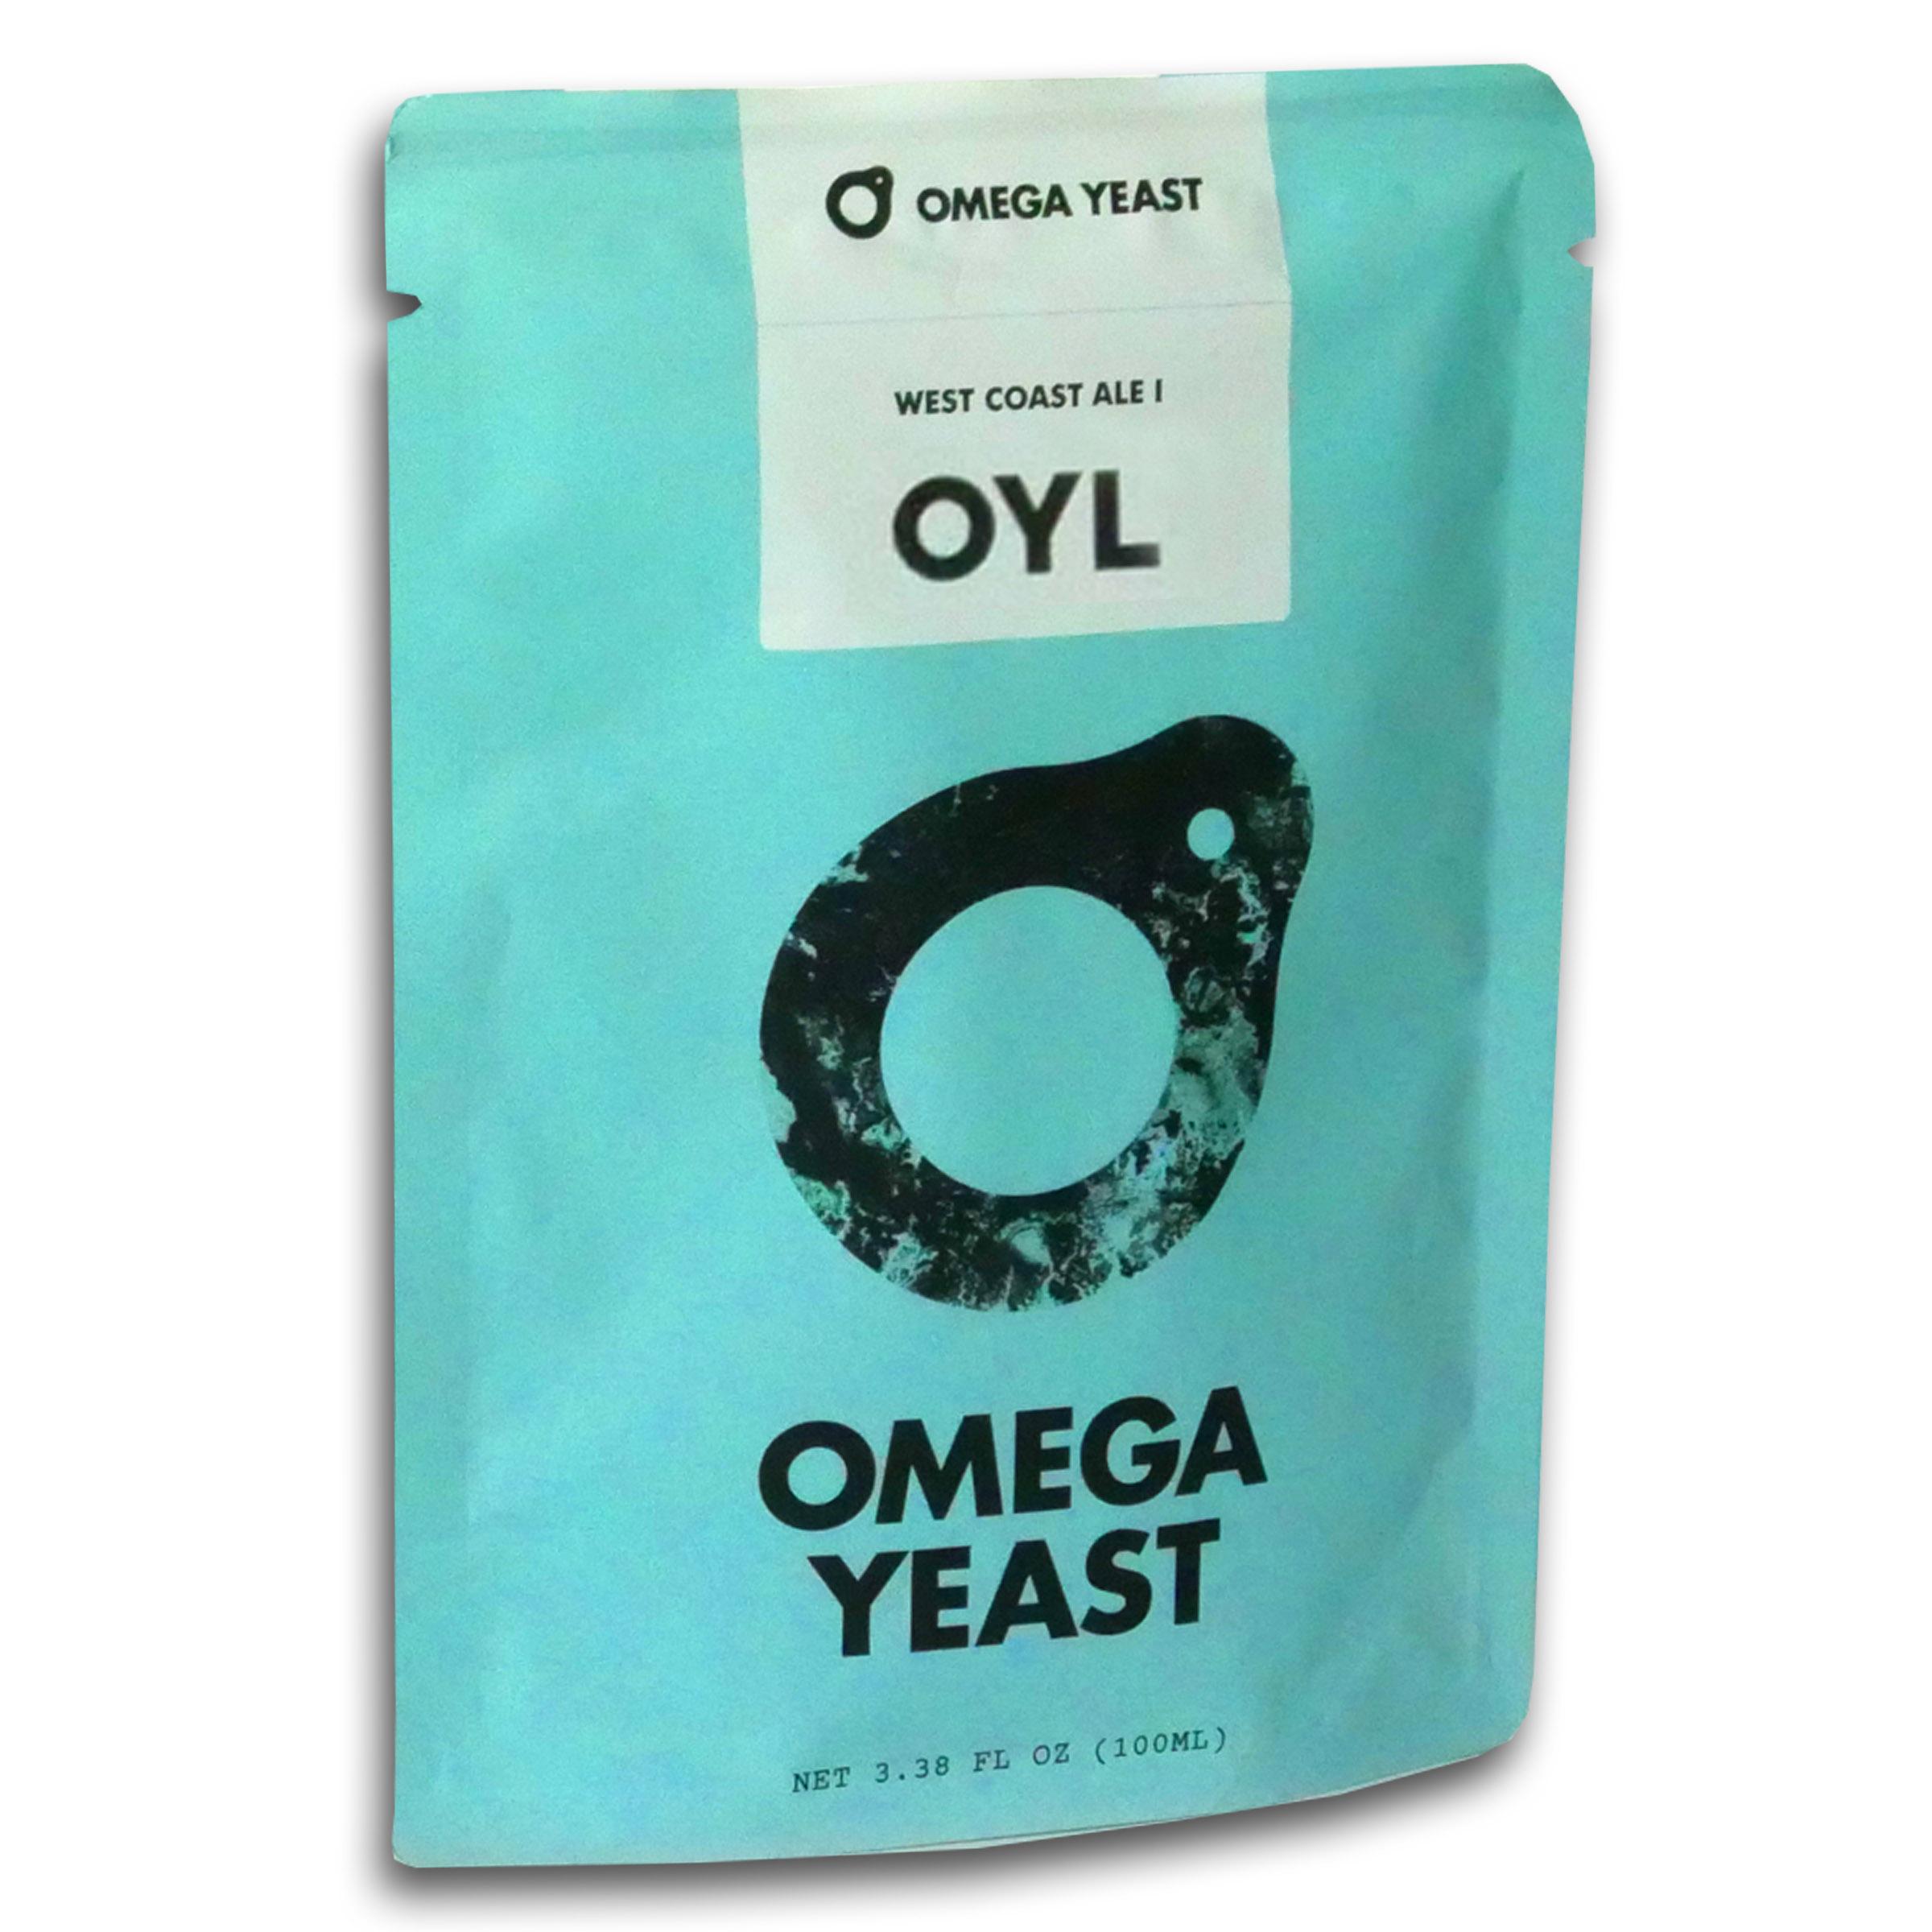 Omega Beer Yeast, Hefeweizen Ale I, 021-0